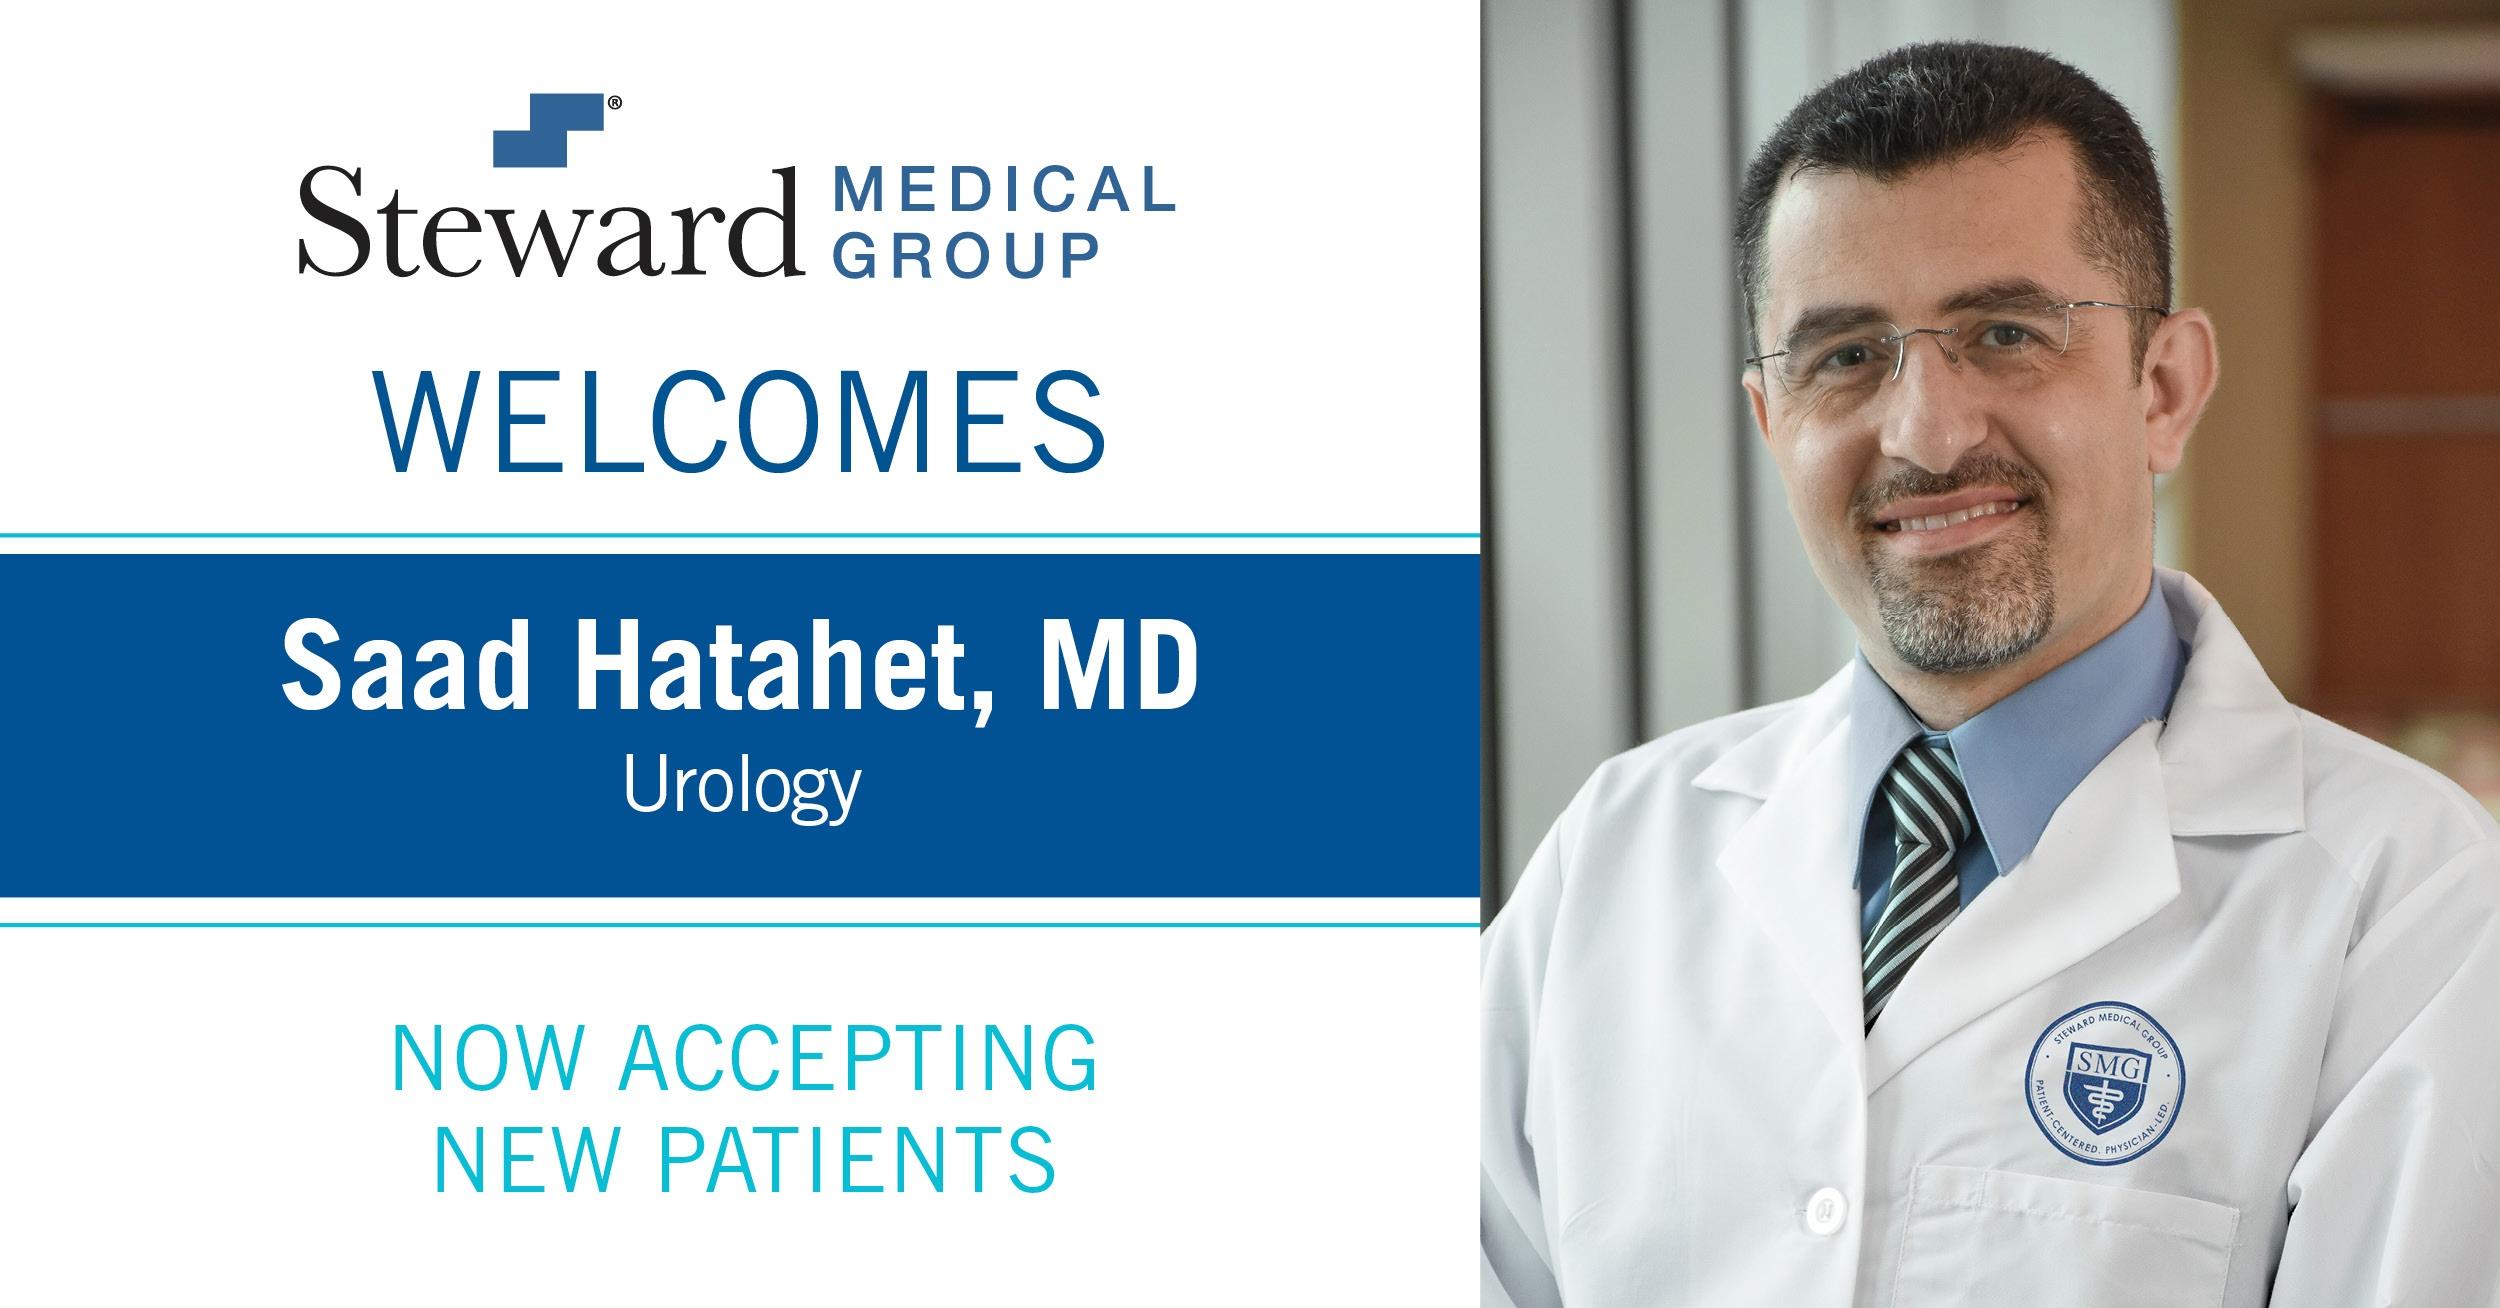 Dr. Saad Hatahet, Urologist